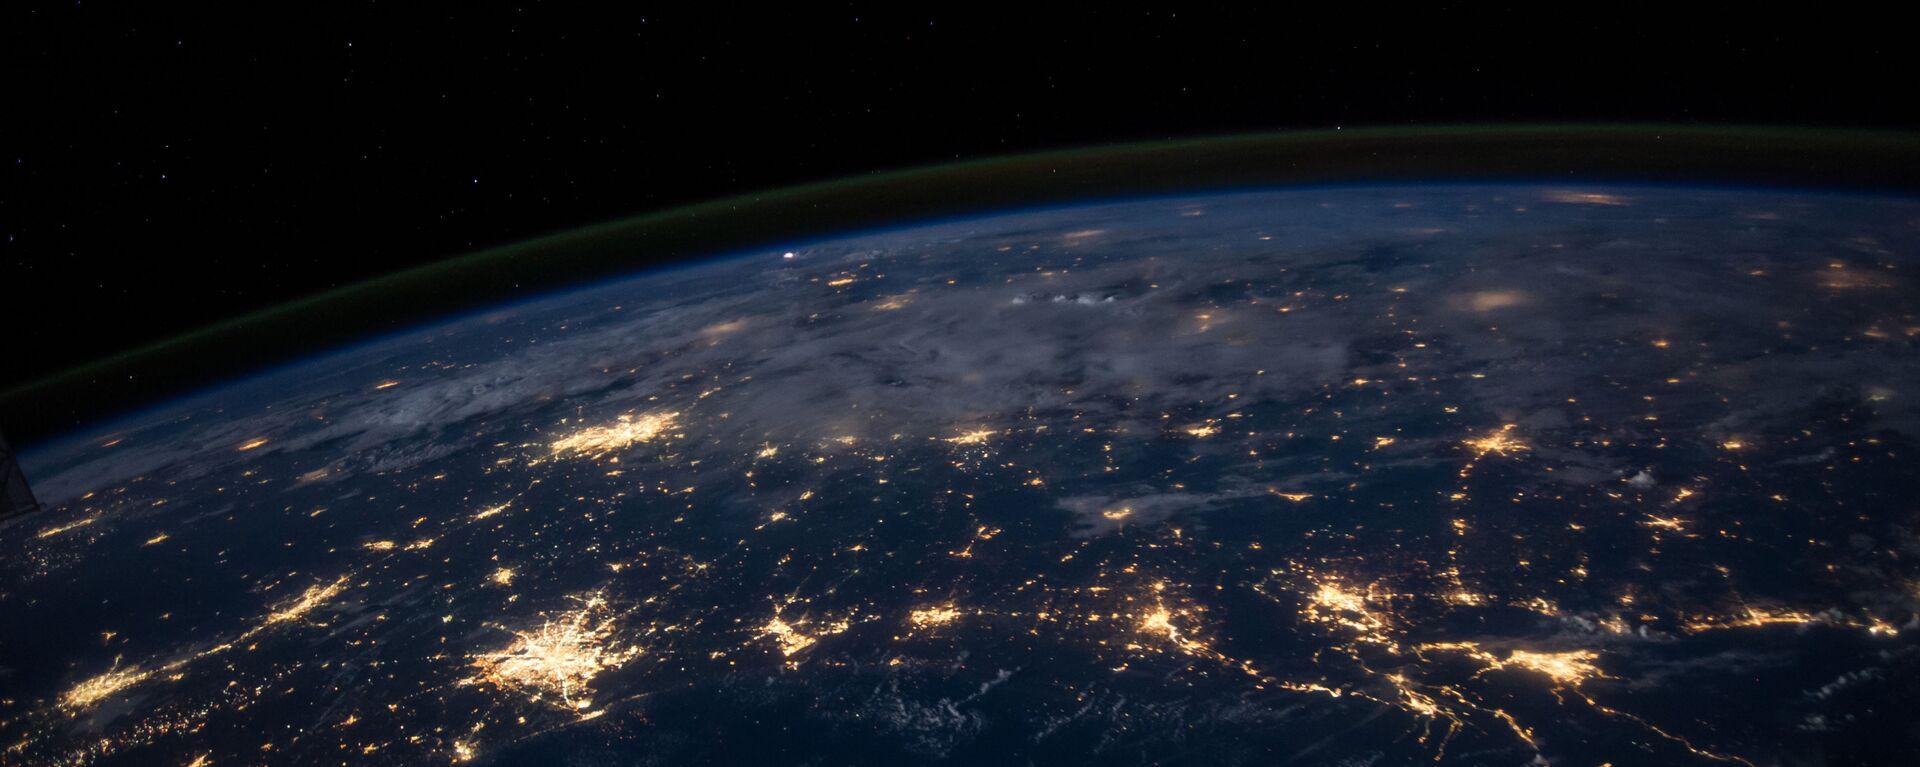 La Tierra vista desde el espacio (imagen referencial) - Sputnik Mundo, 1920, 17.11.2020